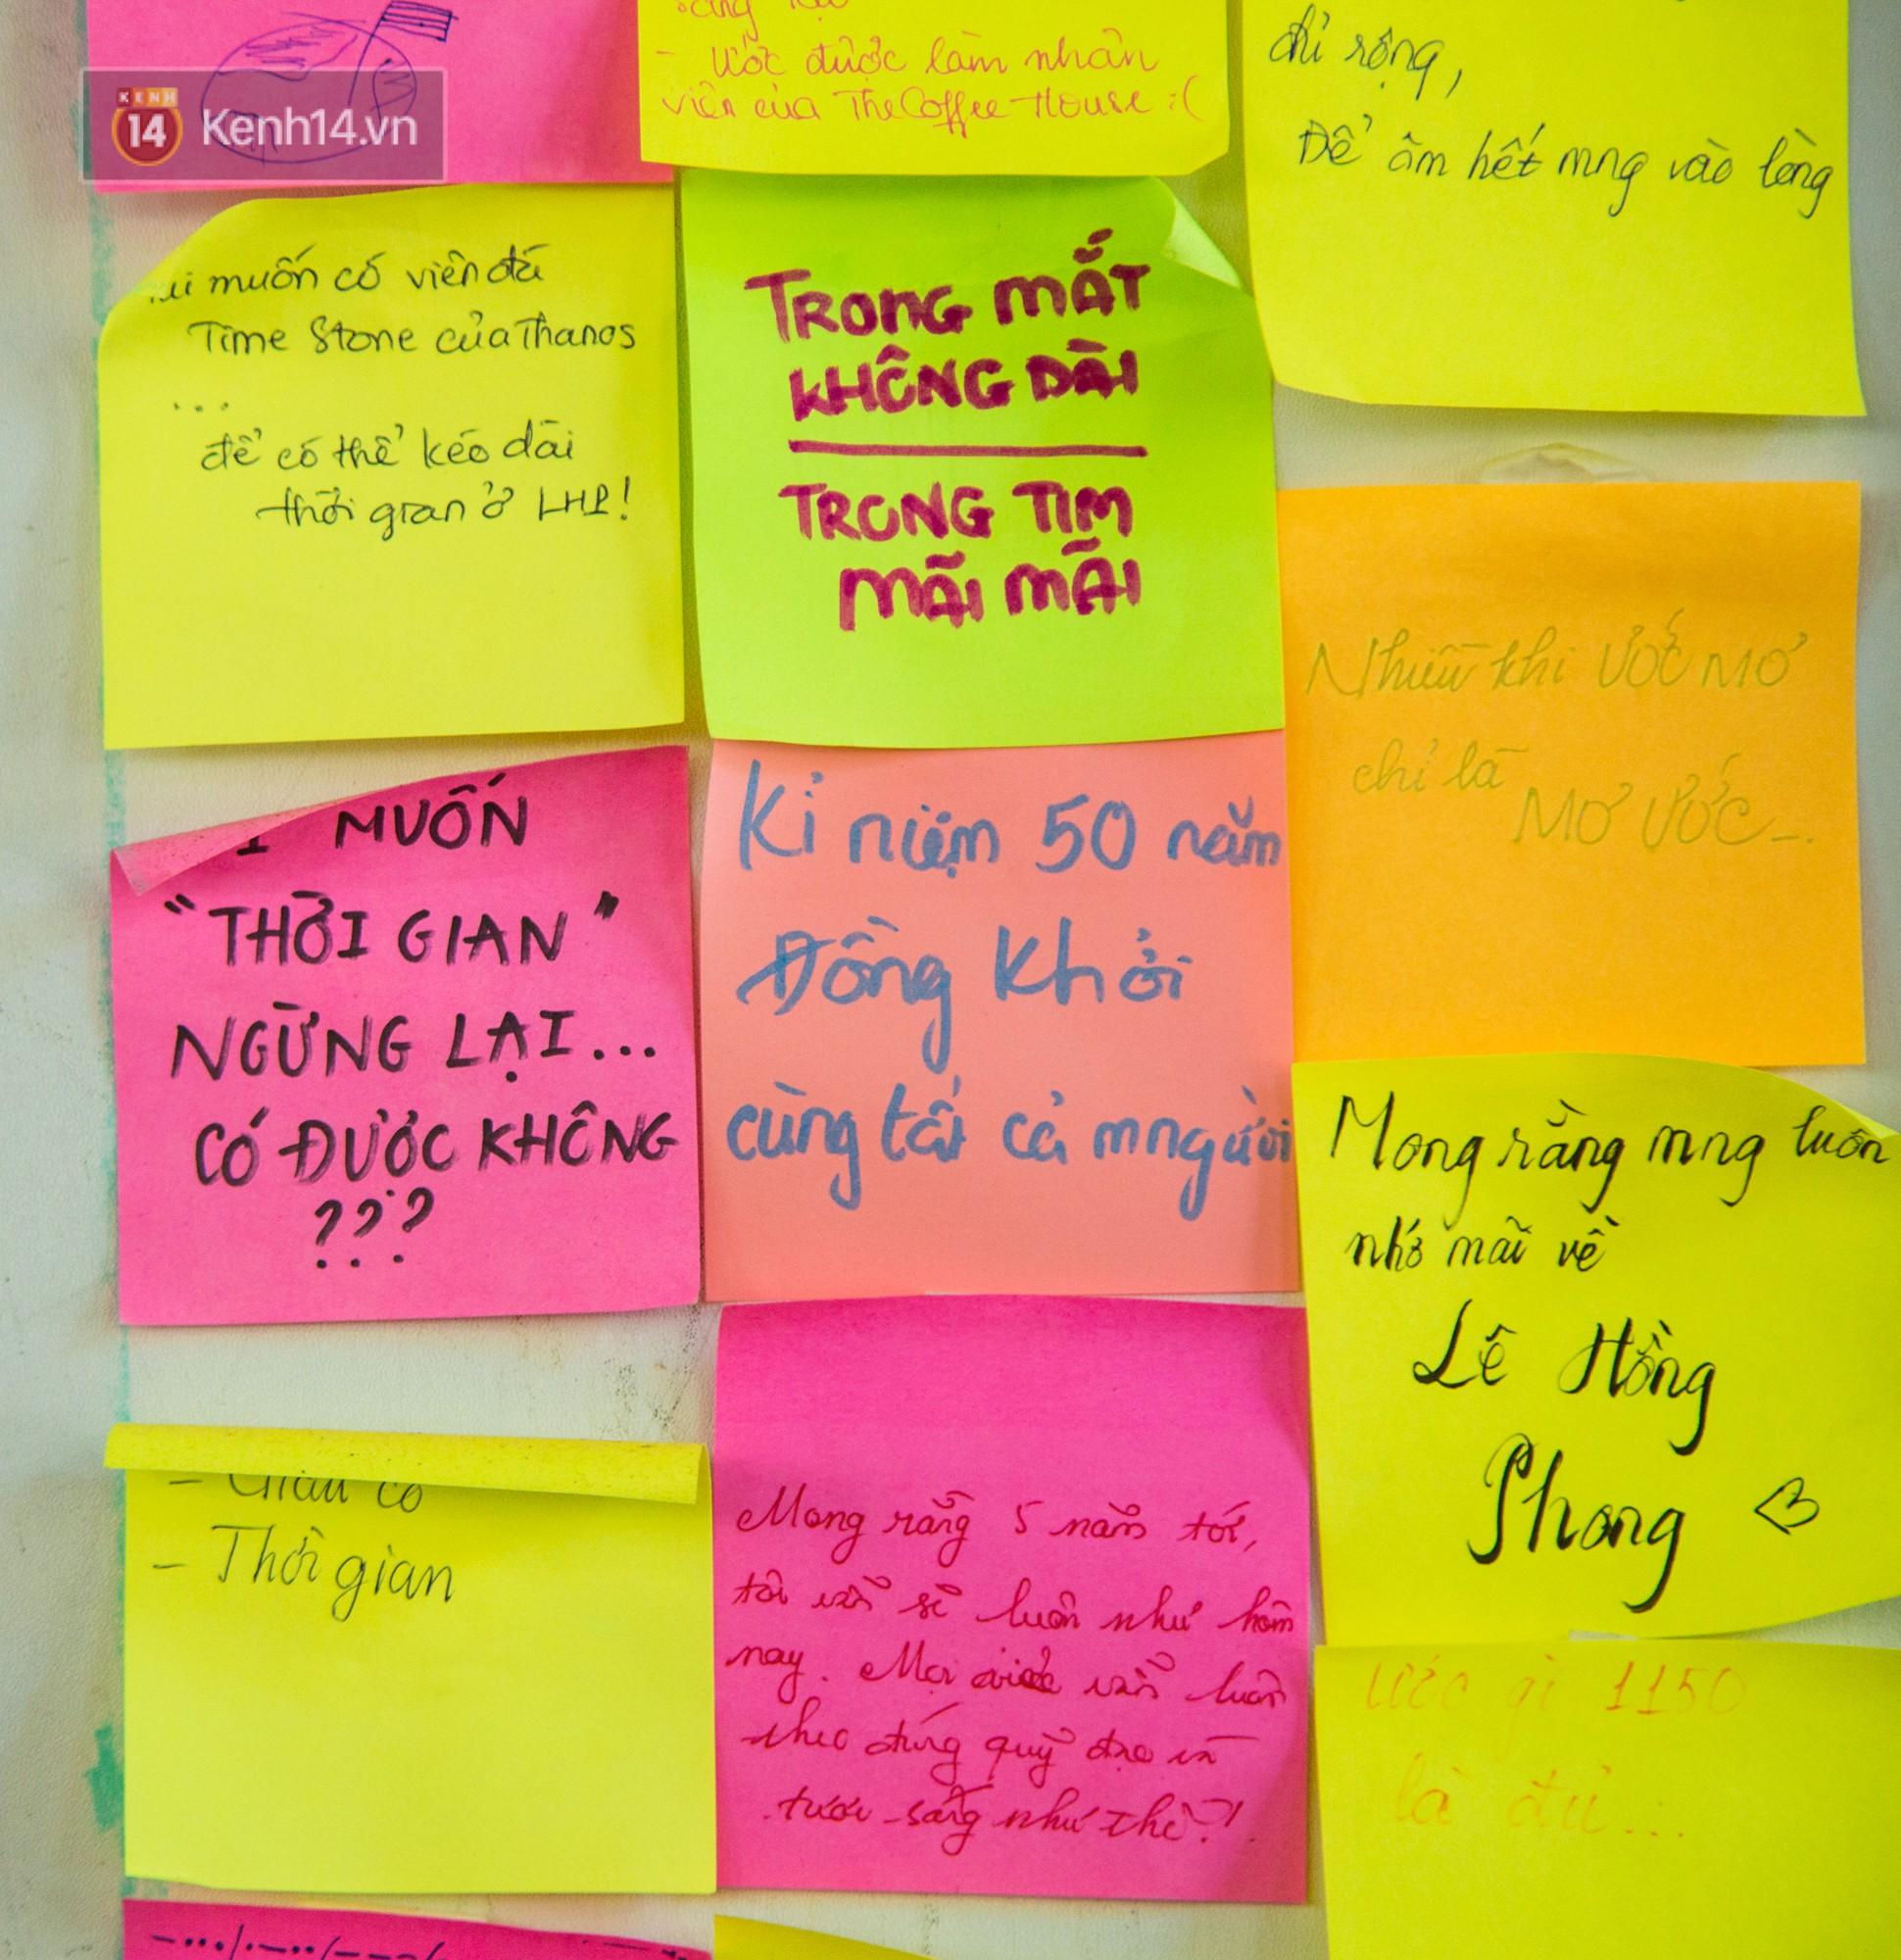 Ngày ra trường của teen Lê Hồng Phong: Nụ cười và nước mắt, bạn tôi ơi xin bên nhau thêm chút nữa!-2